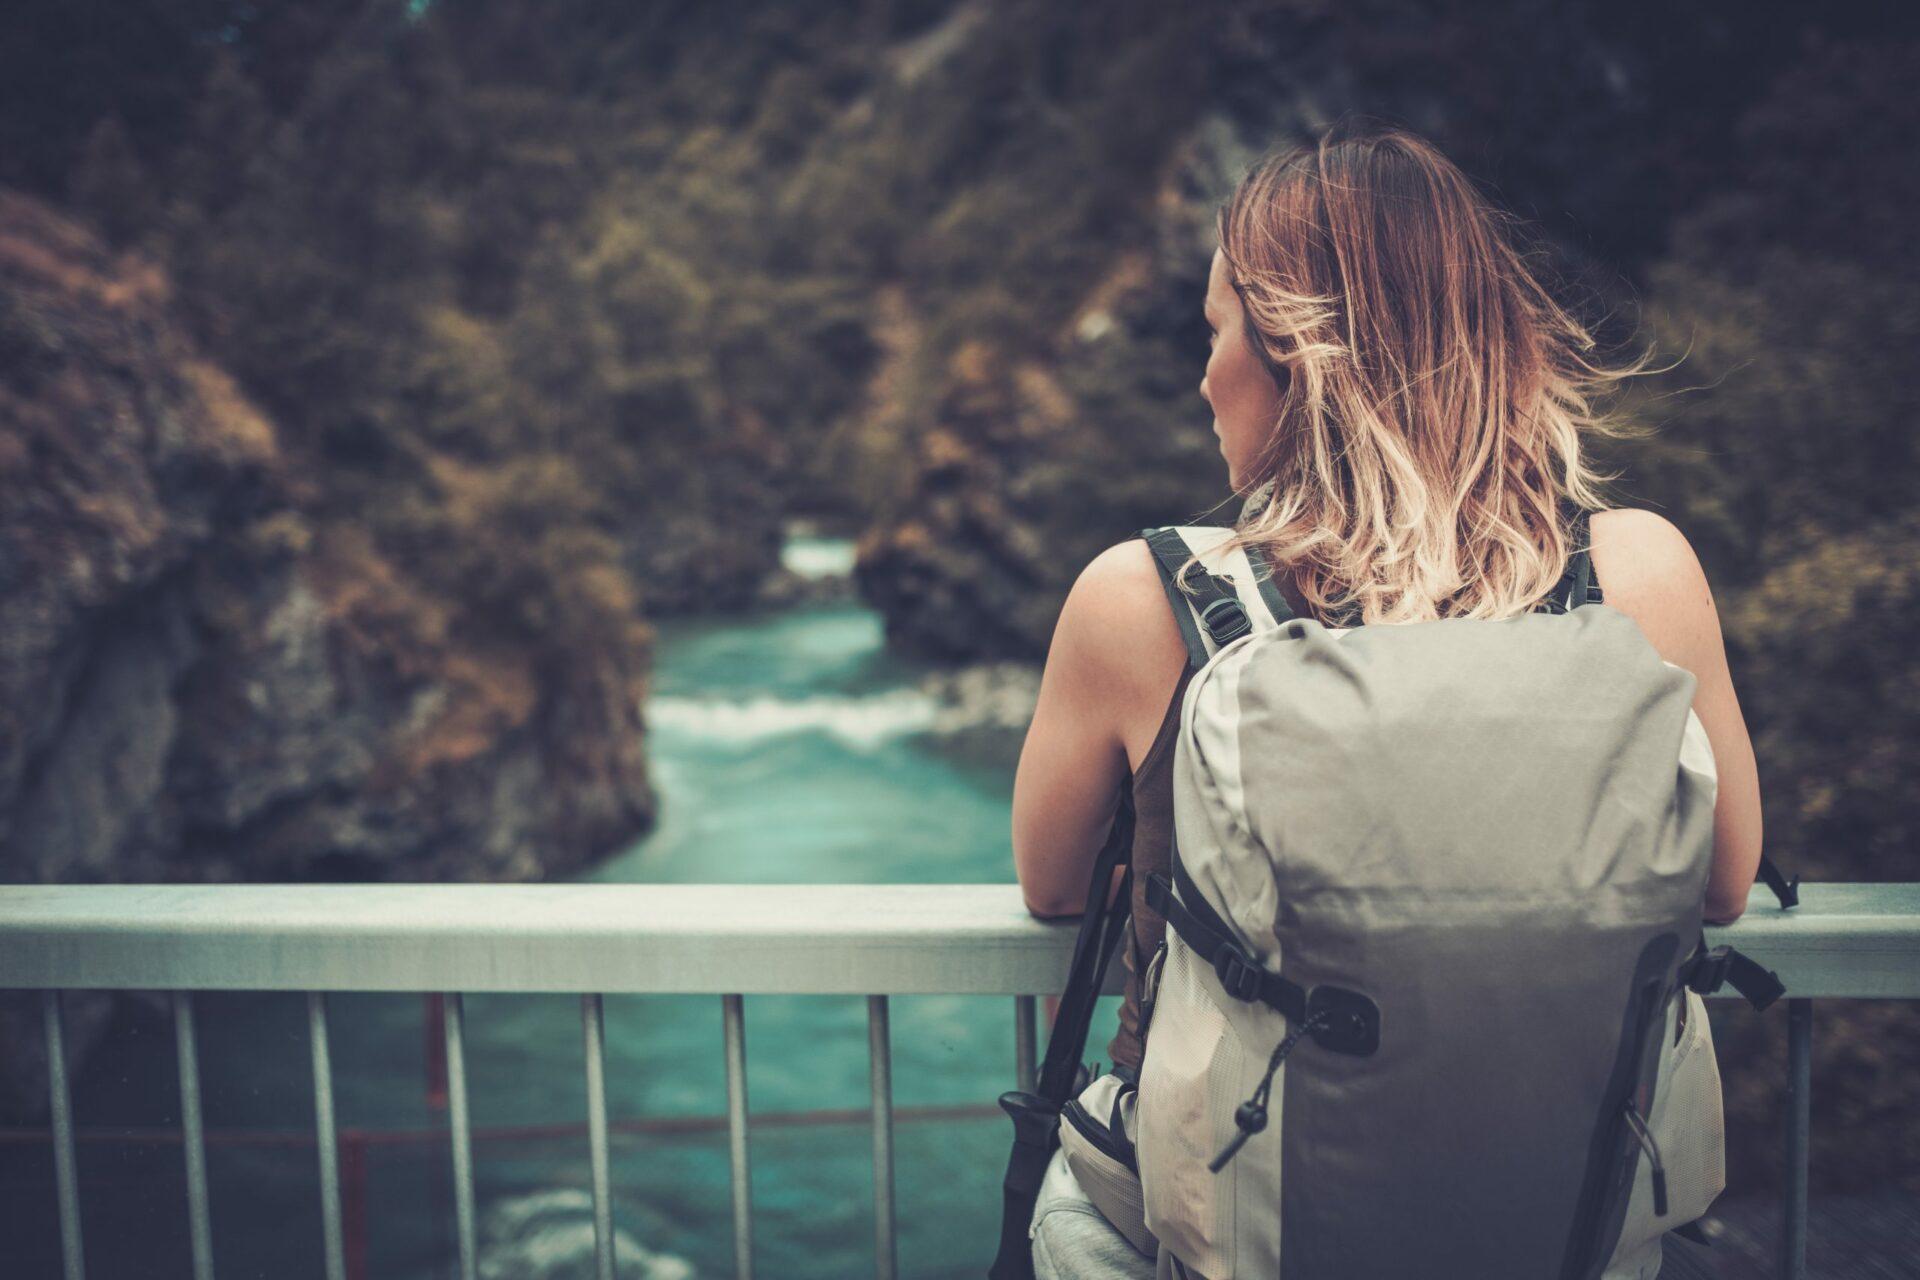 mochila de viaje a la montaña